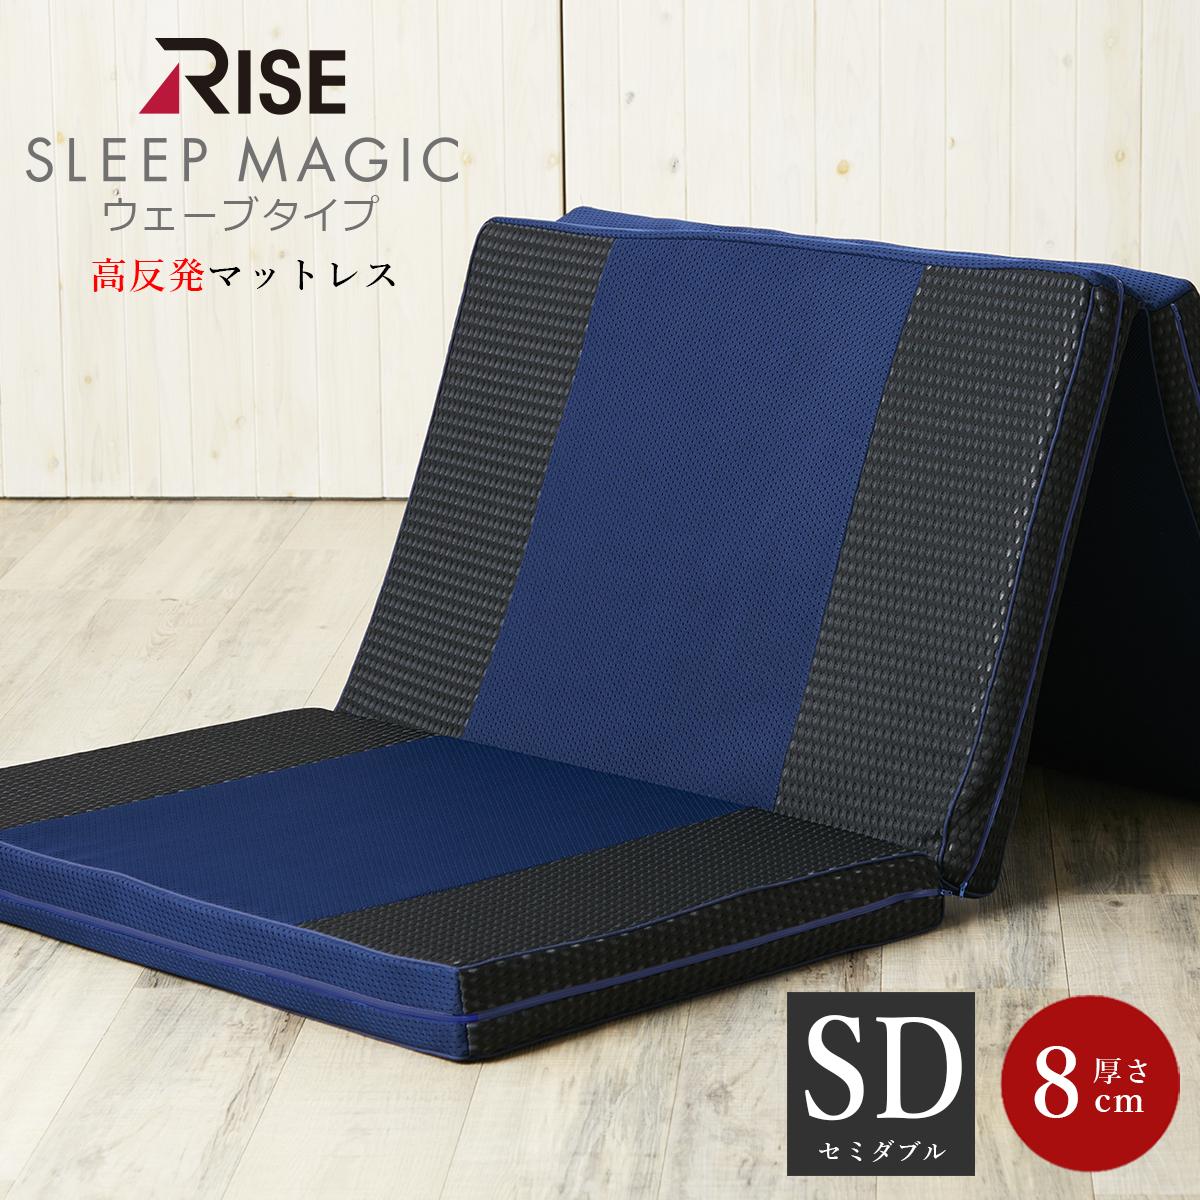 スリープマジック 高反発マットレス V02 セミダブルサイズ 三つ折りタイプ ウェーブカット 厚さ8cm 寝がえり楽々 ライズTOKYOの高反発マットレス